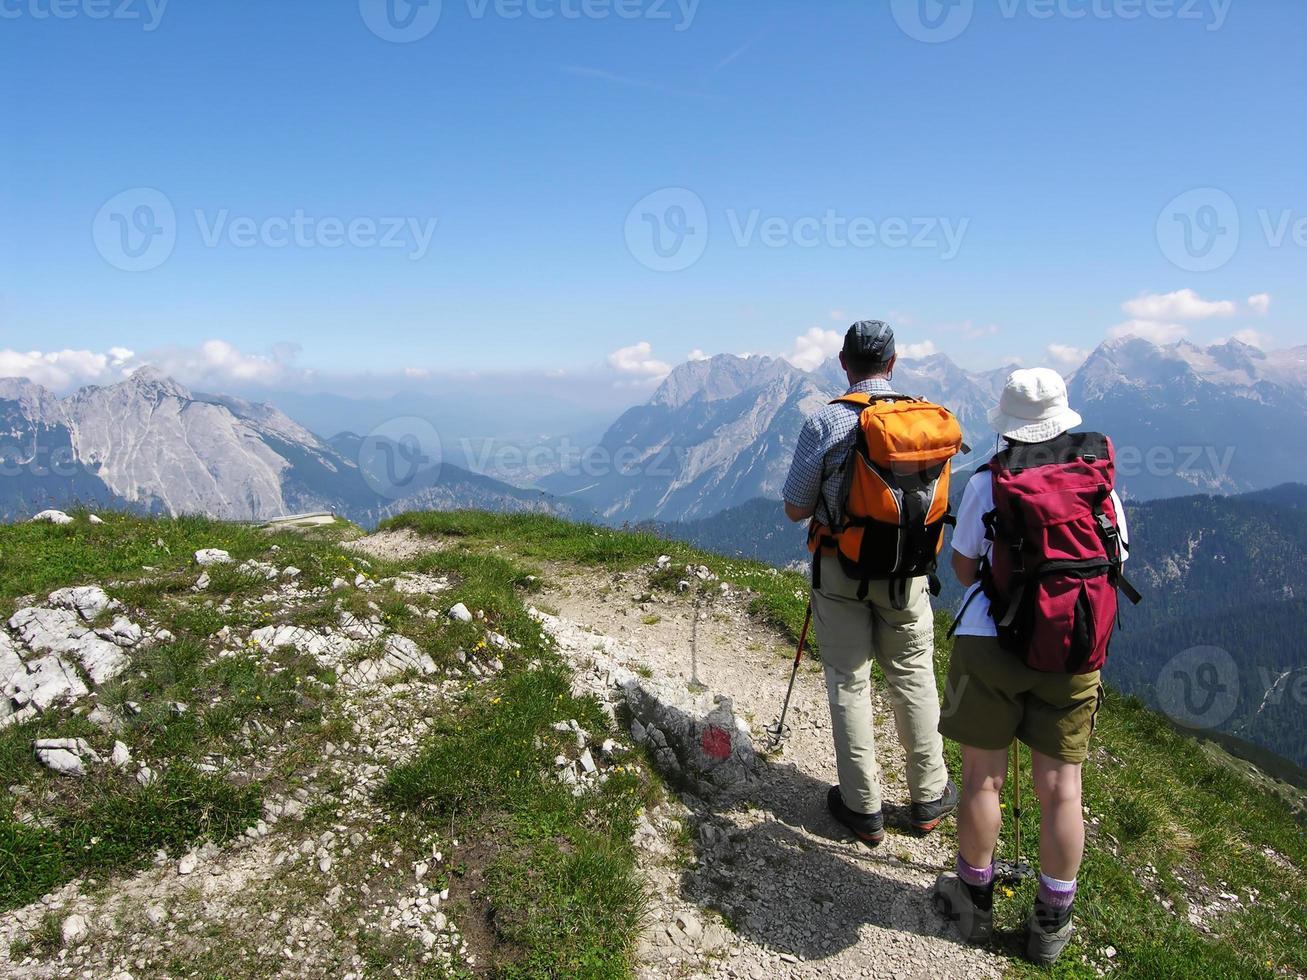 excursionistas en la montaña disfrutando de la vista antes de volver a bajar foto